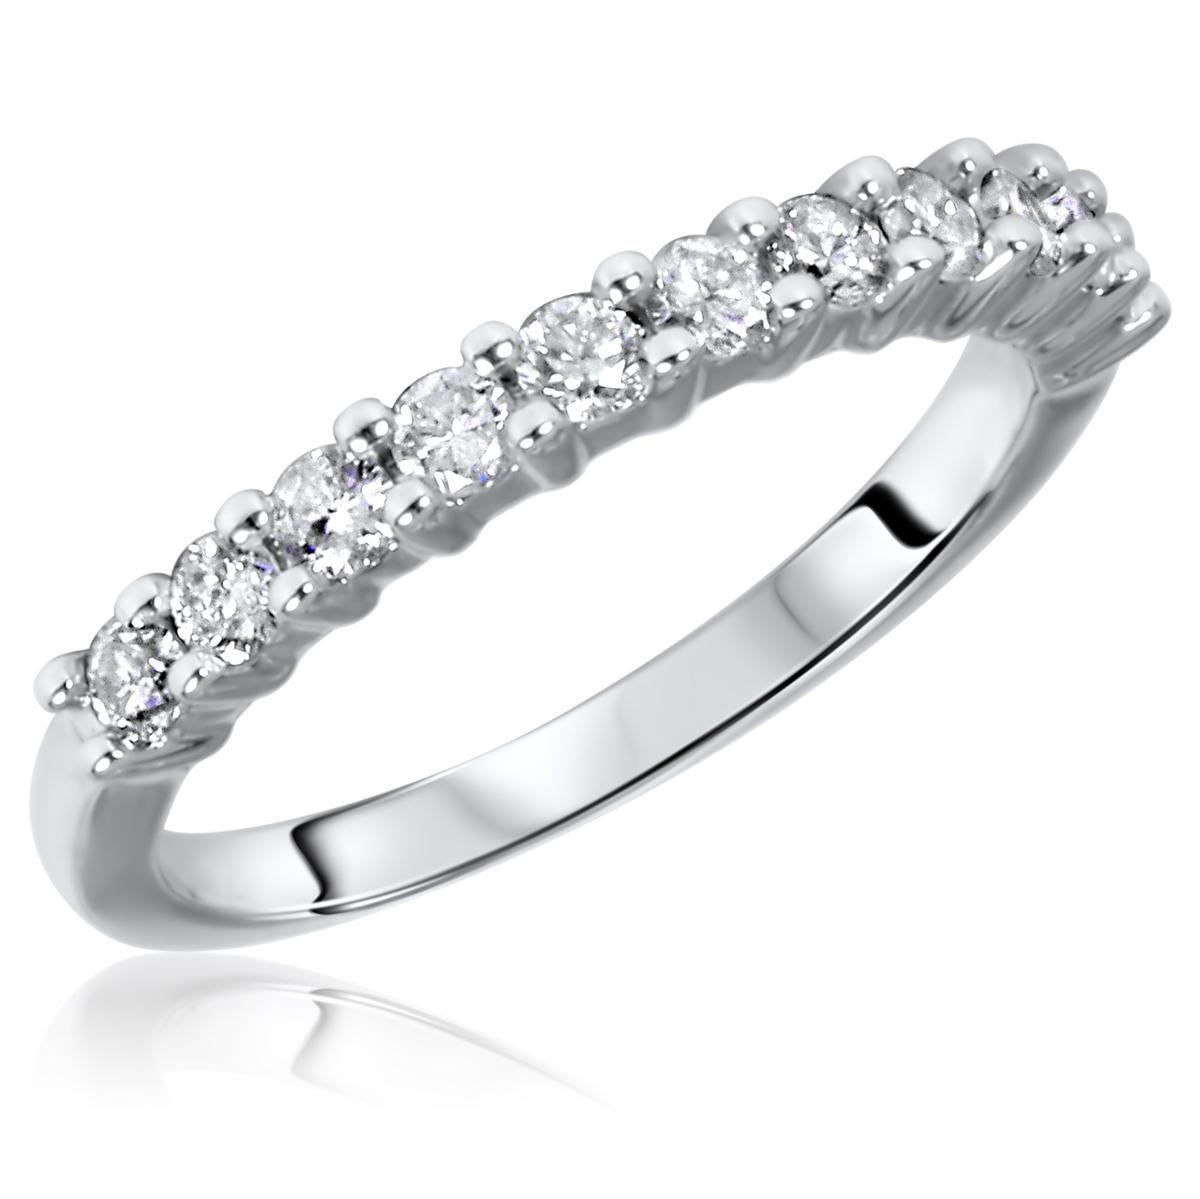 1/2 Carat T.W. Round Cut 11 Stone Diamond Anniversary Ladies Band 14K White